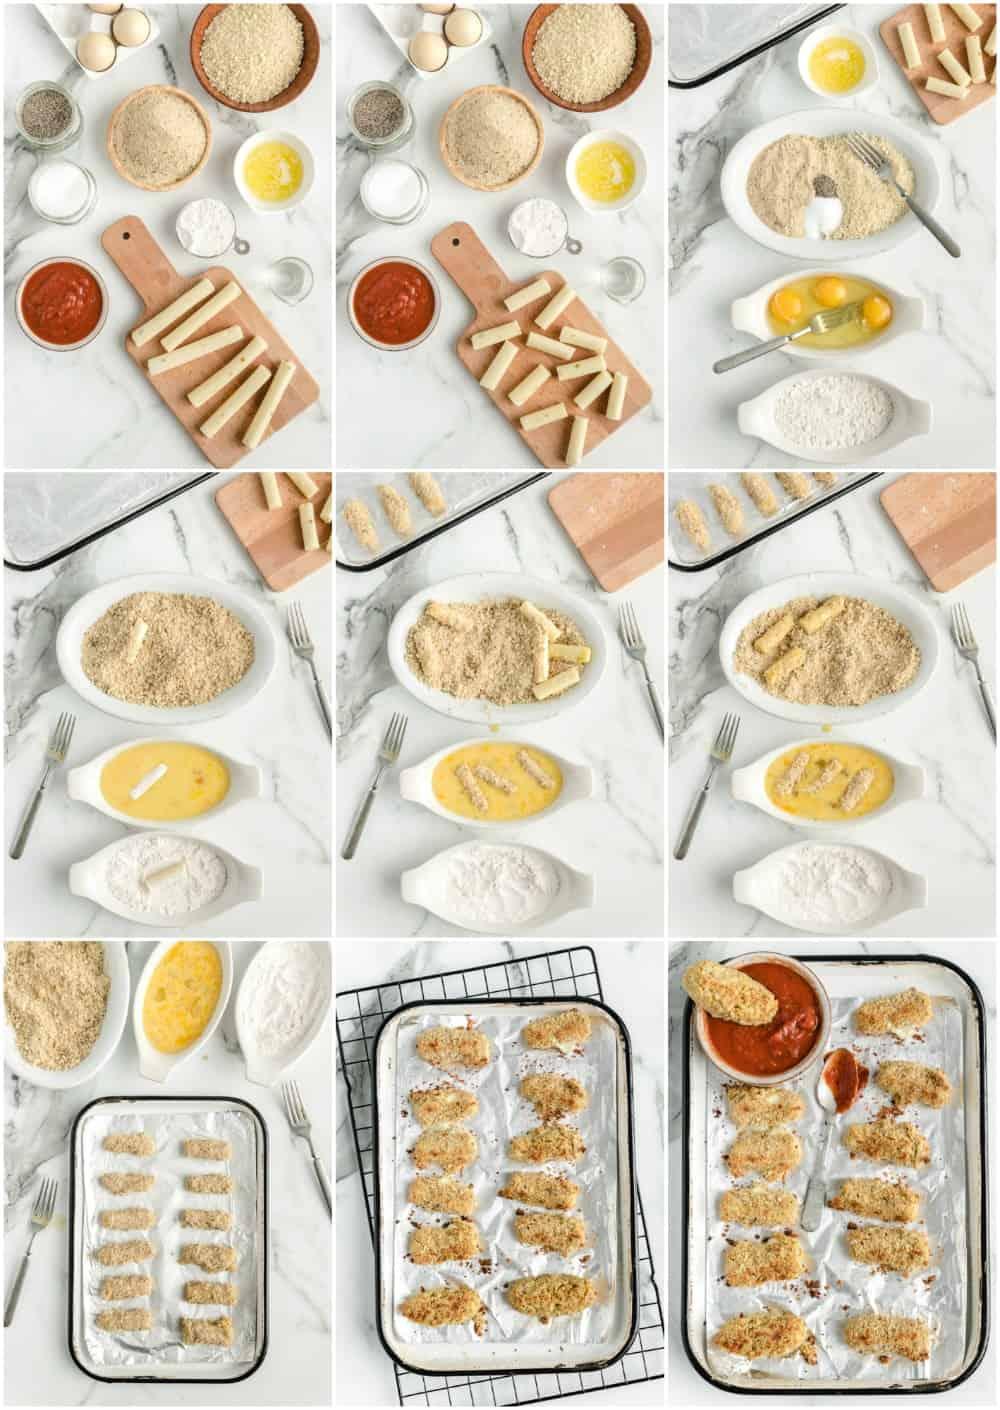 how to make homemade mozzarella sticks step by step process shots